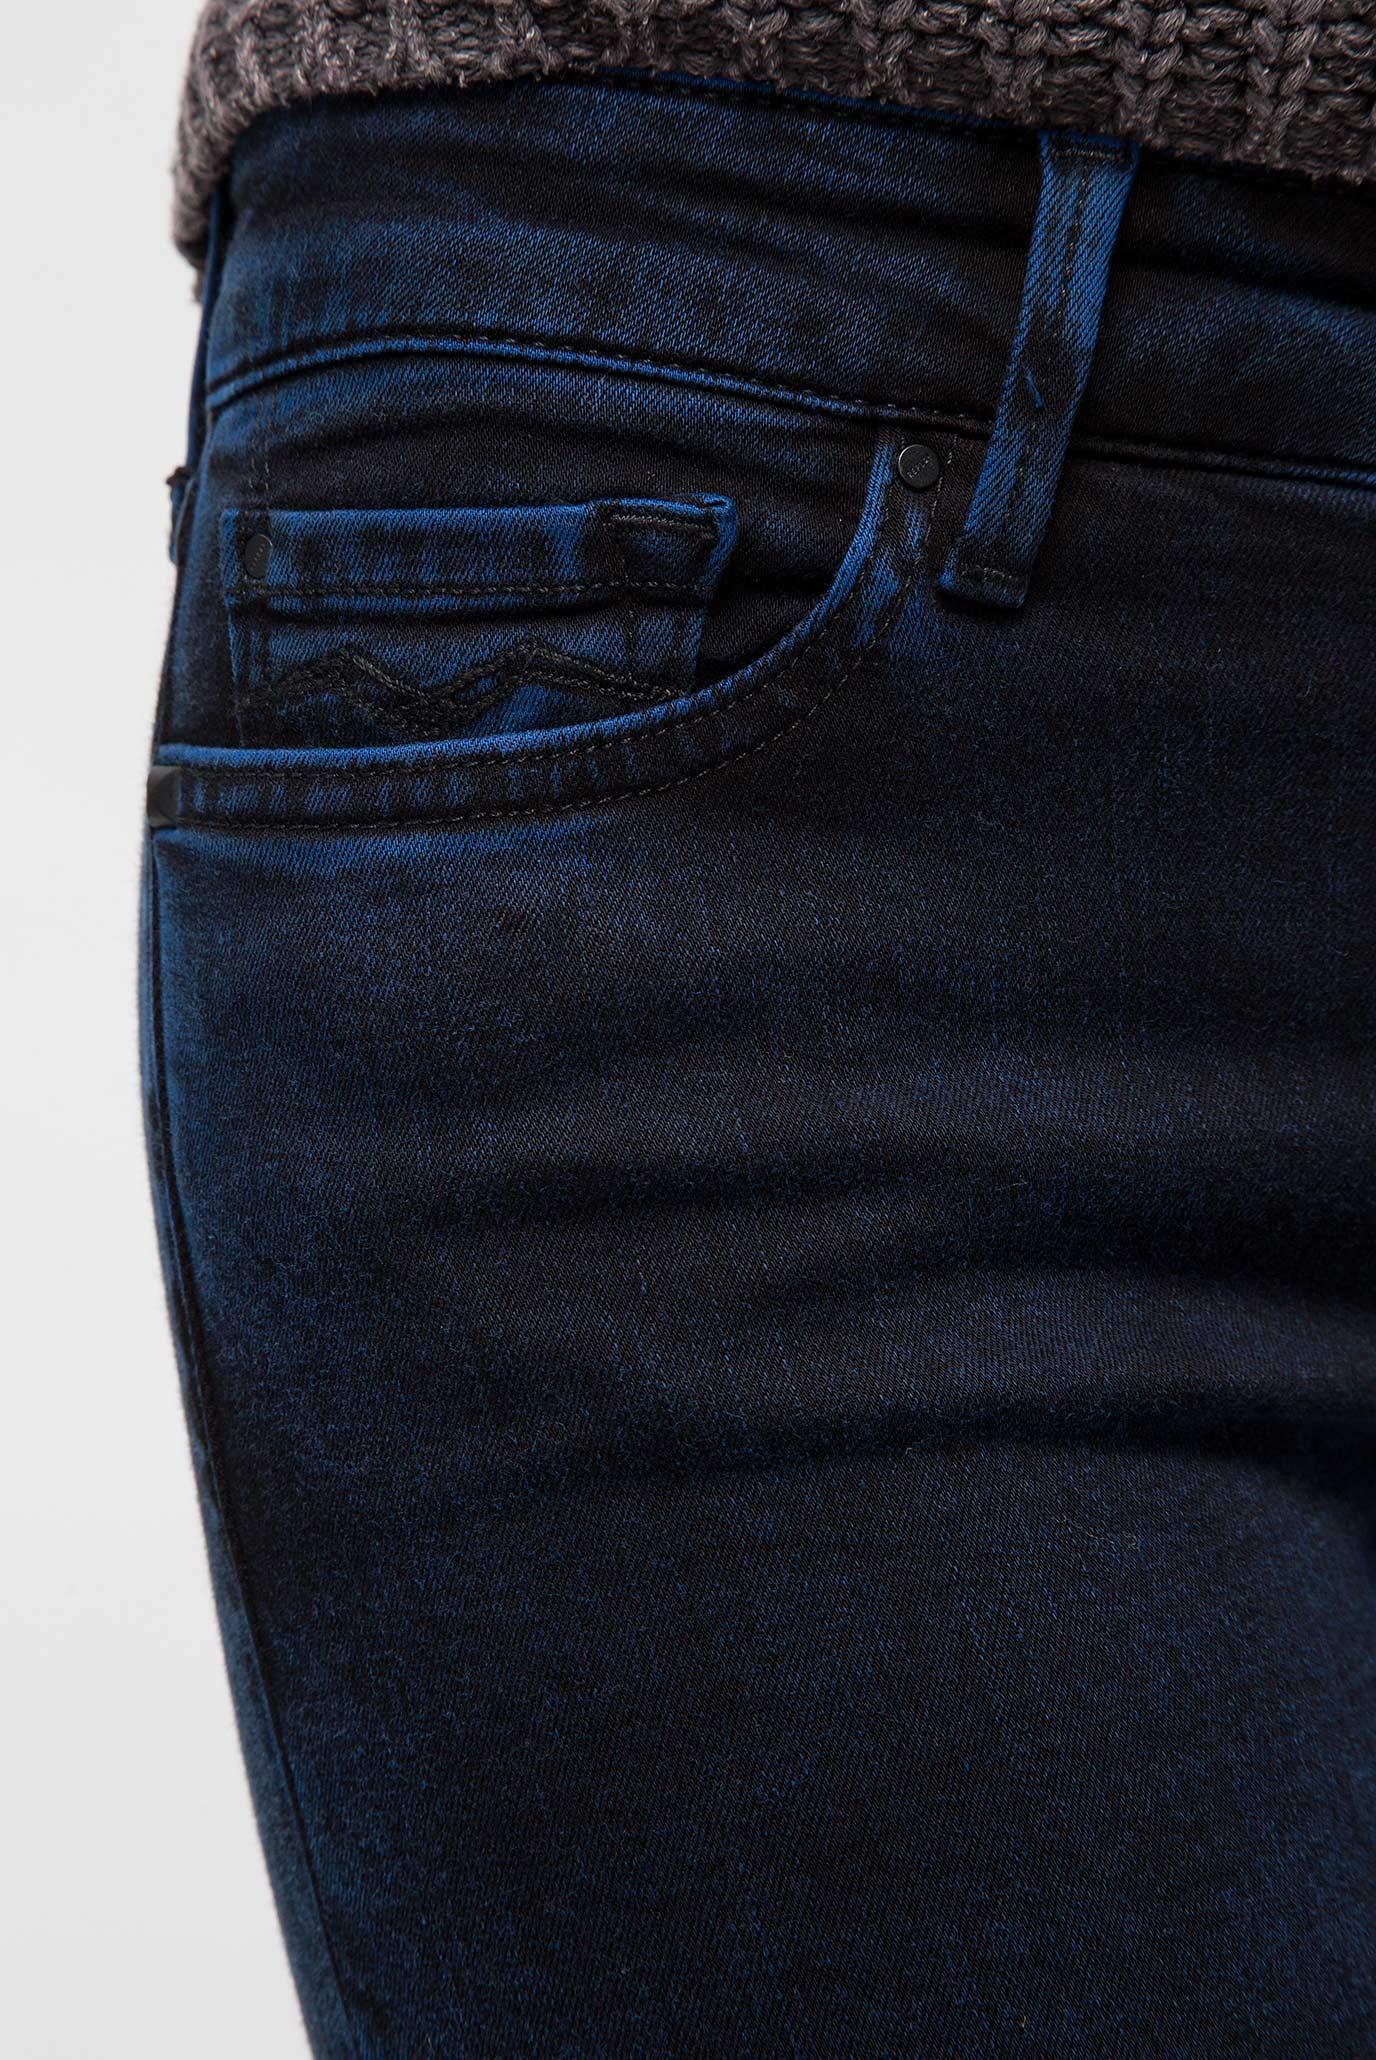 Купить Женские синие джинсы LUZ Replay Replay WX689R.000.85B 392 – Киев, Украина. Цены в интернет магазине MD Fashion